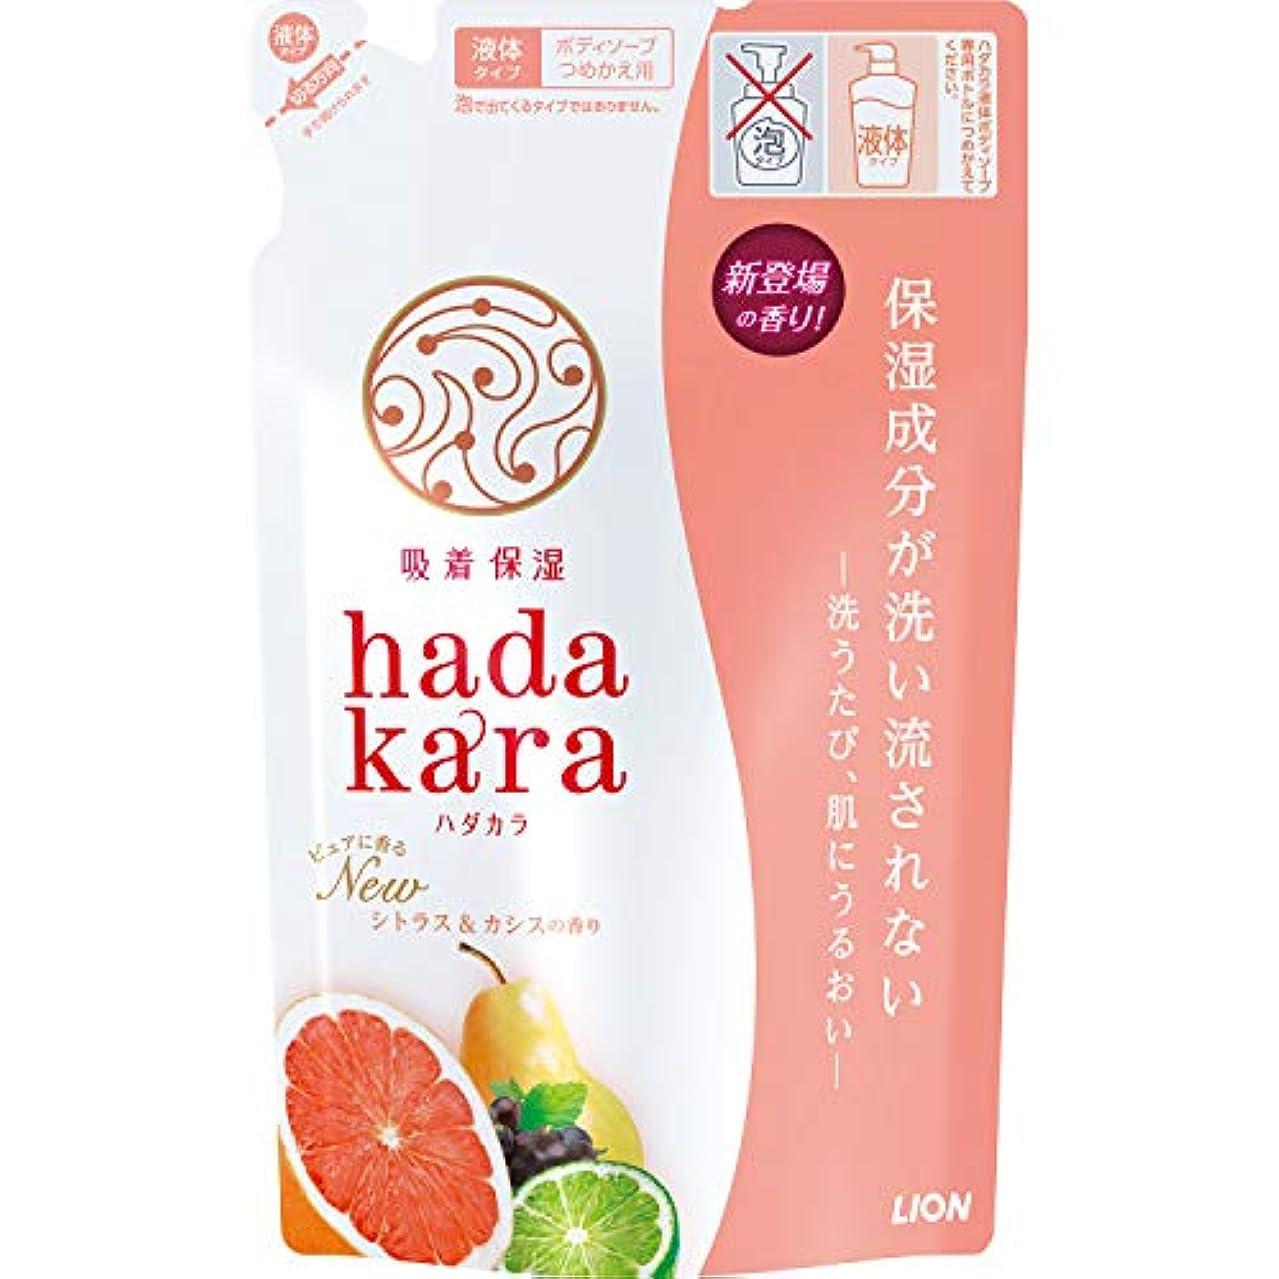 居間触手注釈hadakara(ハダカラ) ボディソープ シトラス&カシスの香り つめかえ 360ml 詰替え用